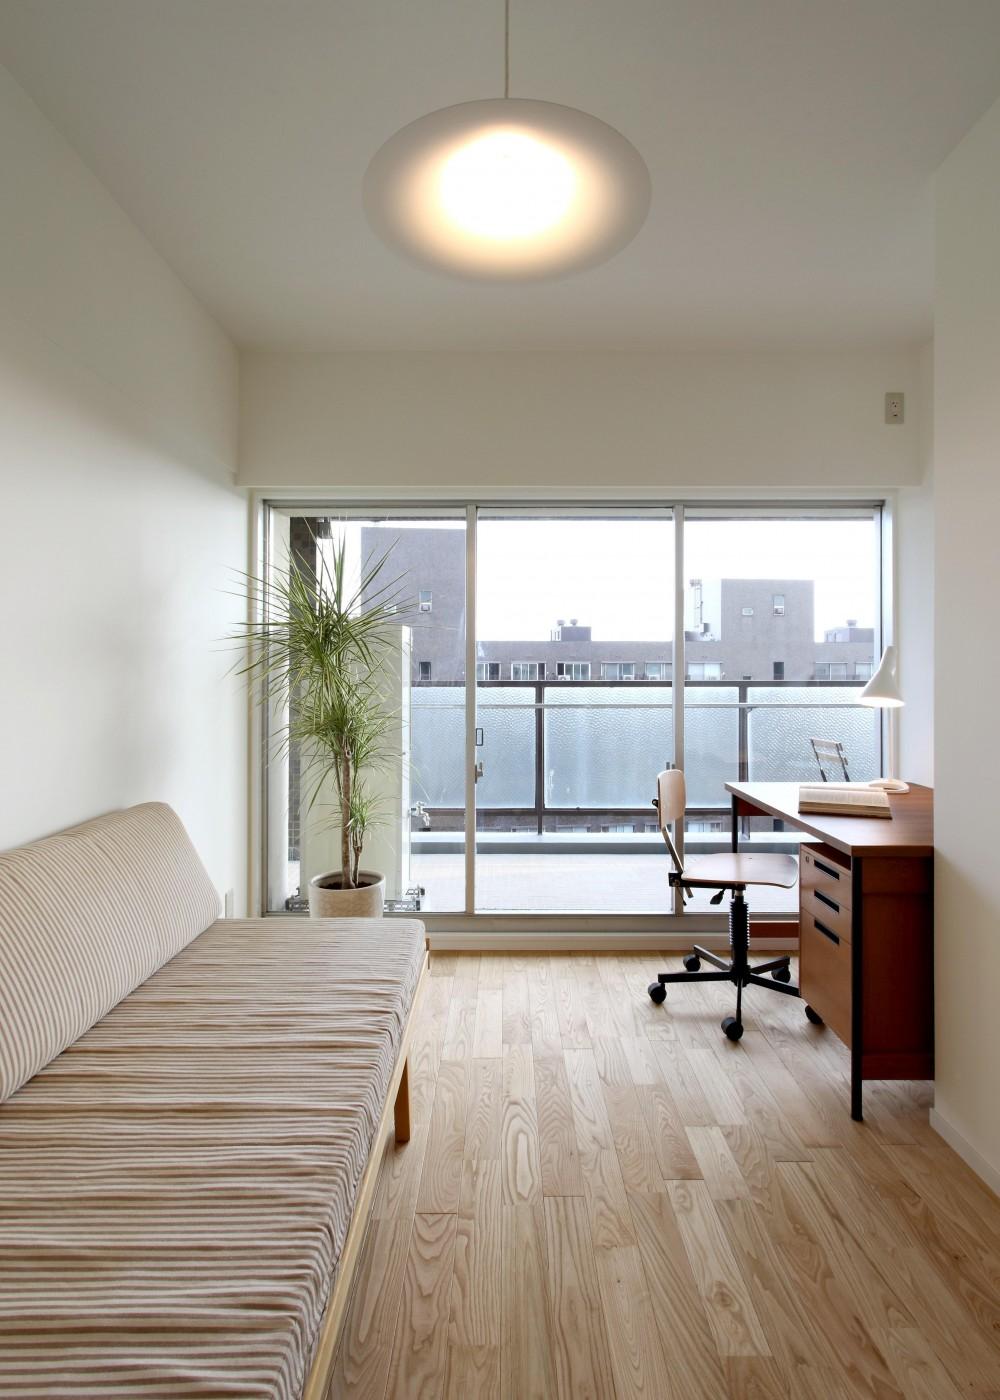 ヴィンテージマンション×リノベーションで理想の住まいを実現 (洋室)